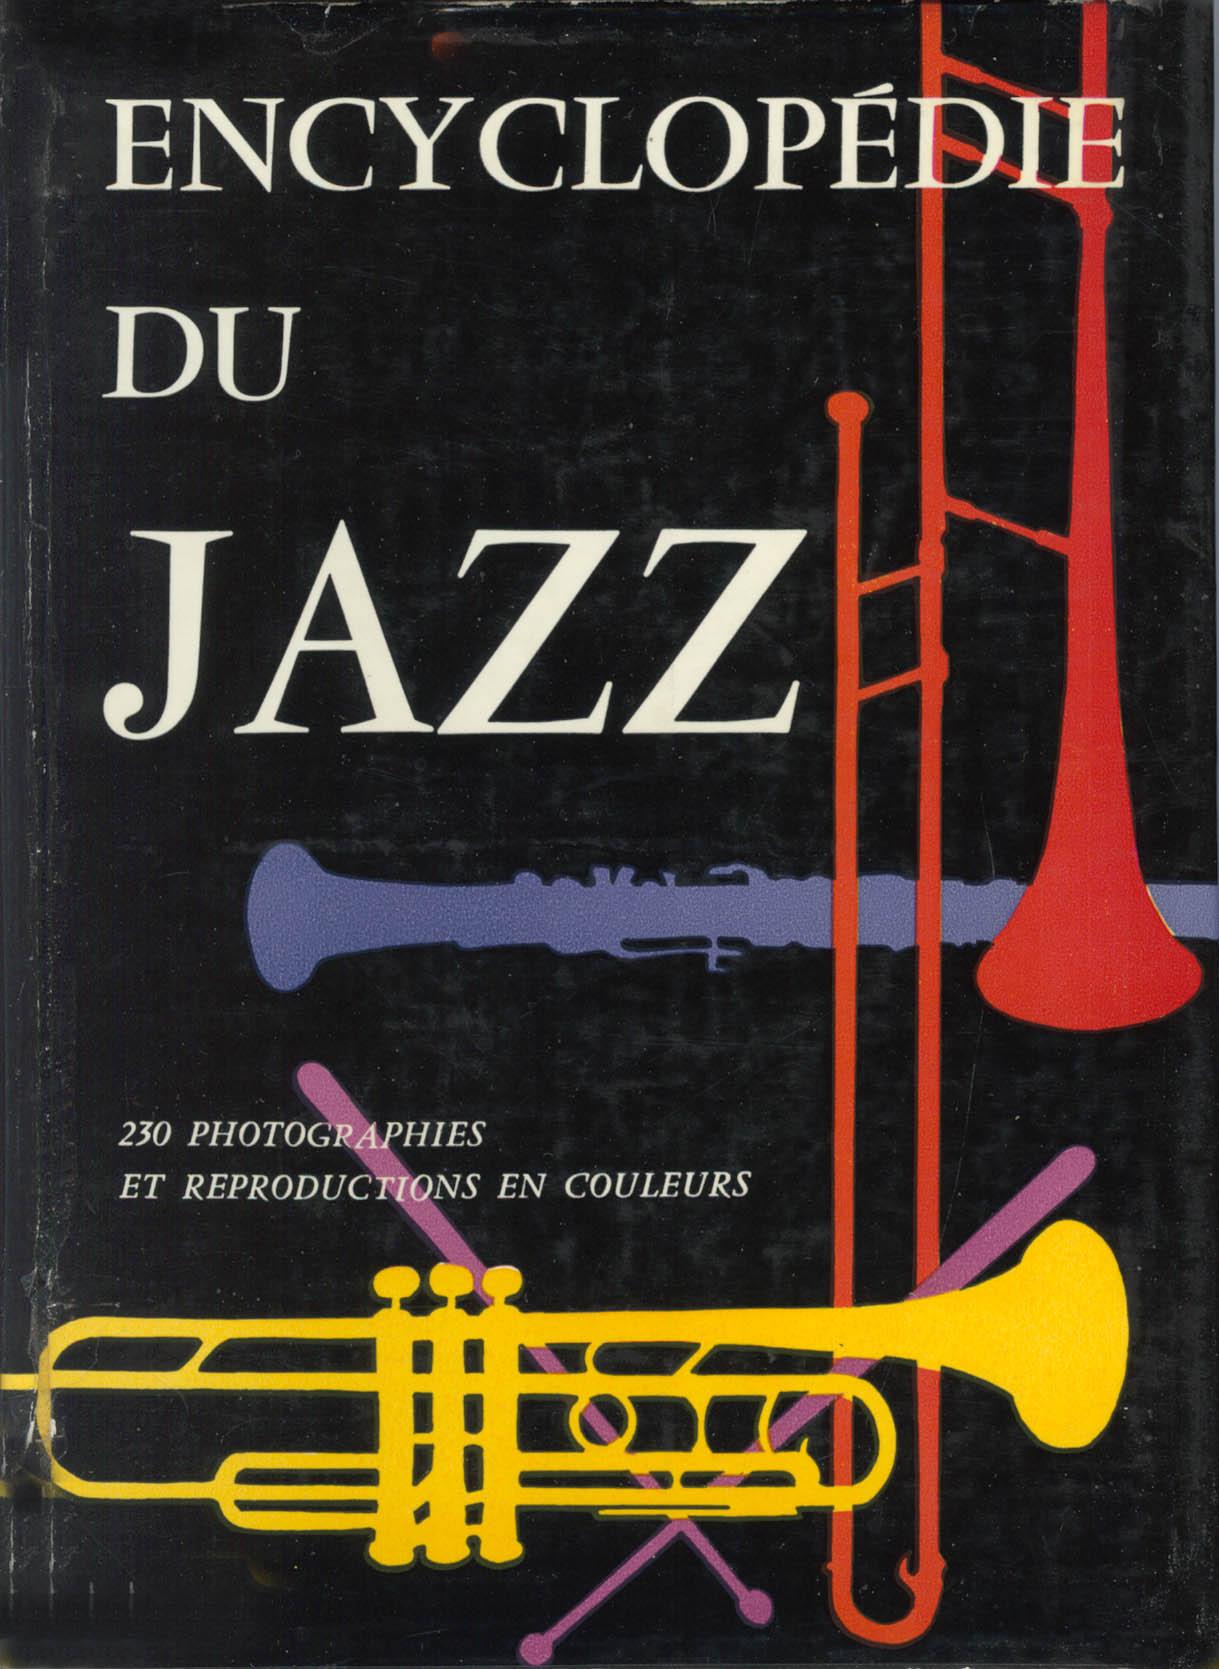 connaissances sur le jazz